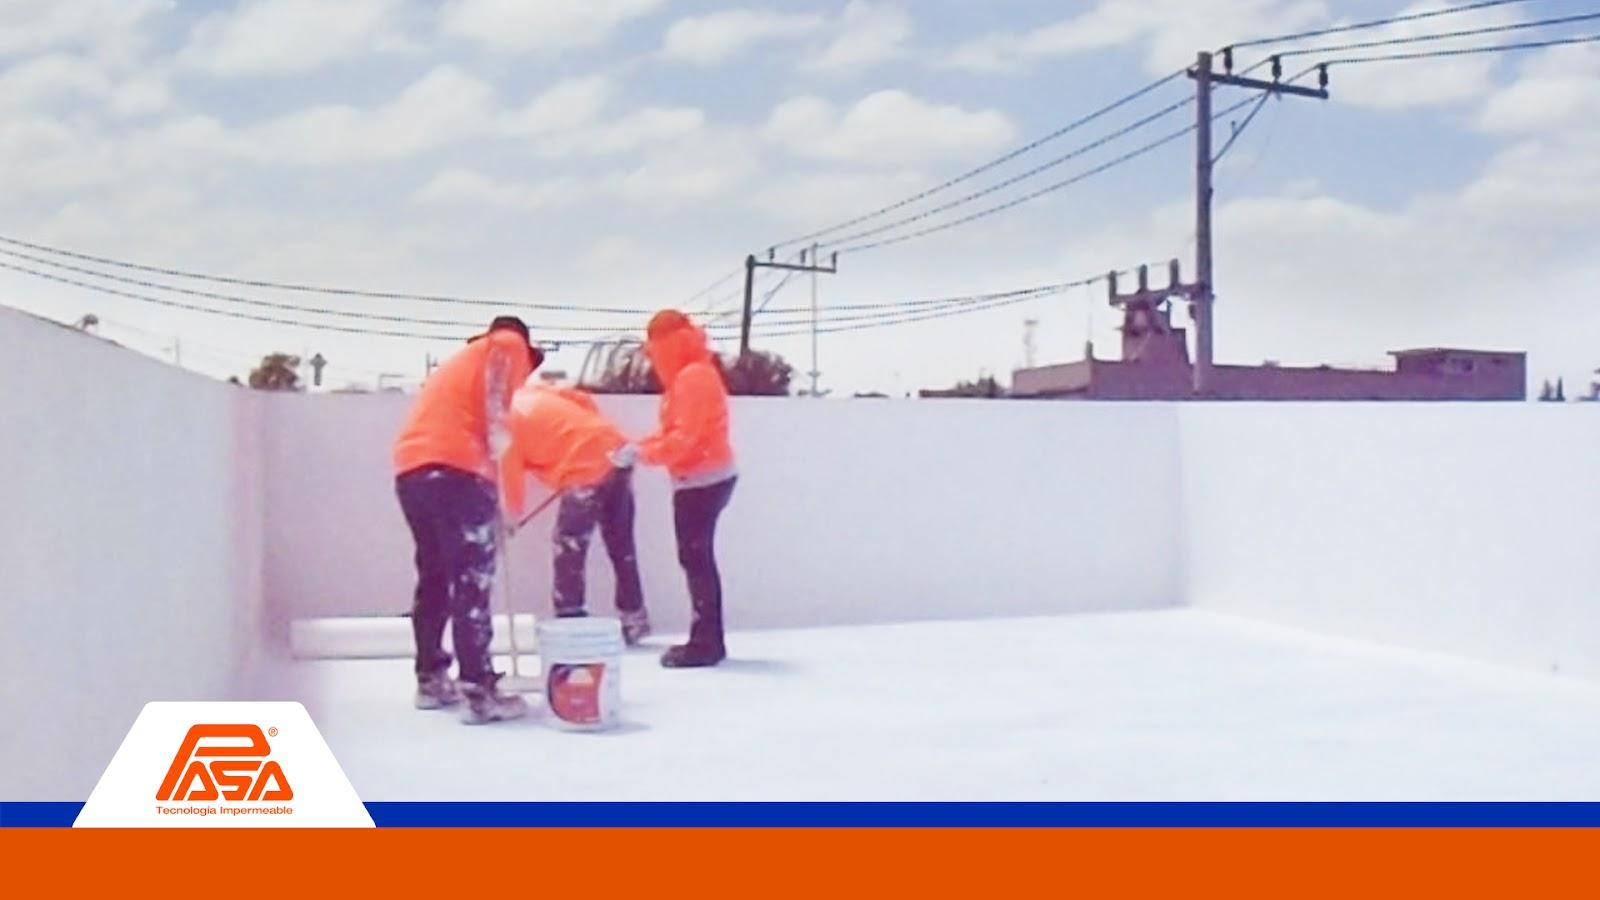 Membranas de refuerzo: usos y beneficios para proteger tus techos